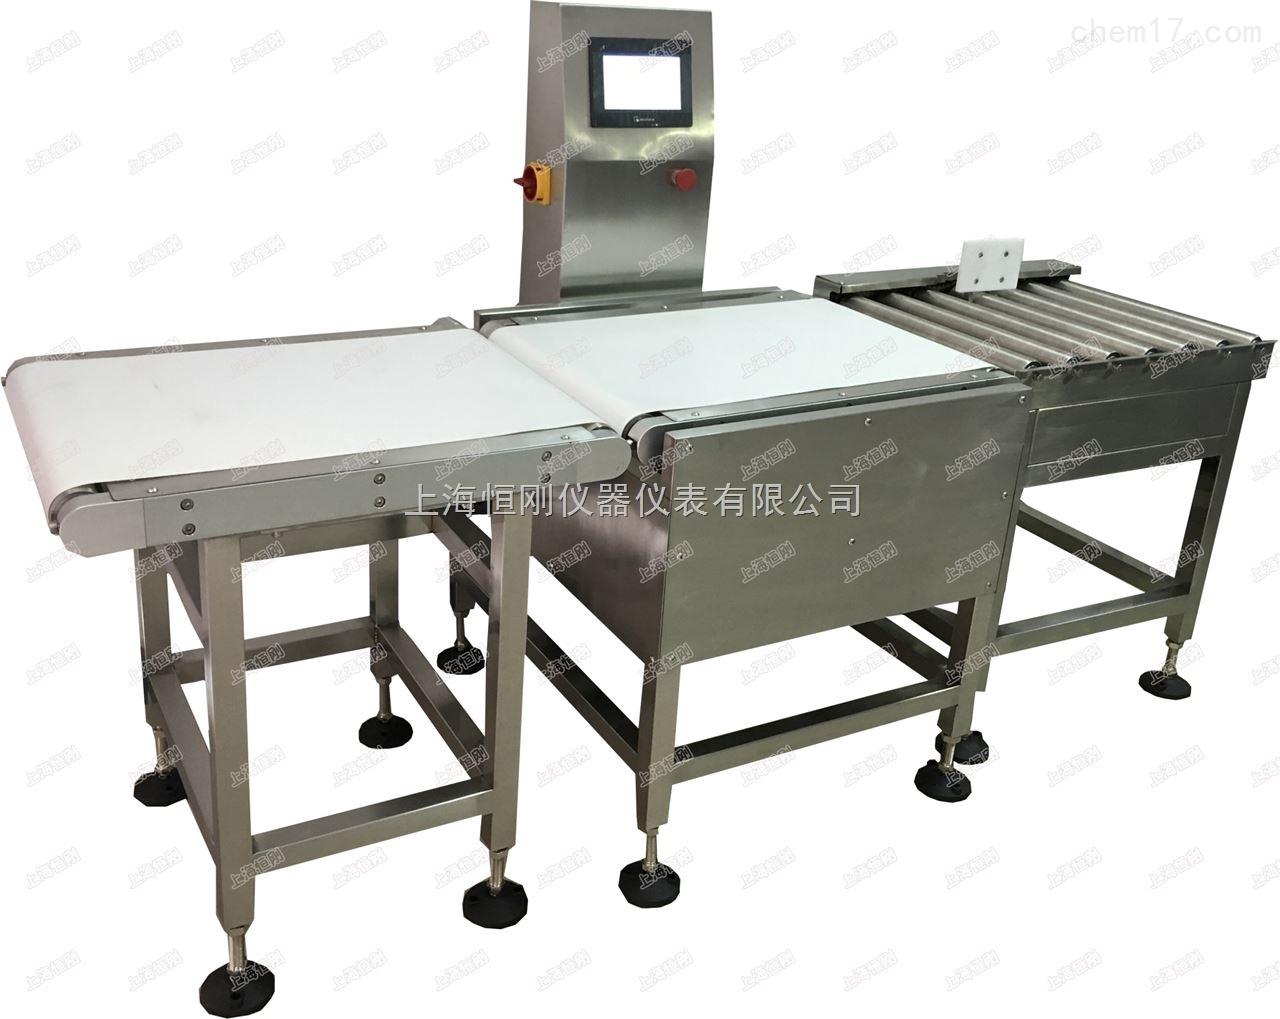 紙箱重量檢測機,高速檢測剔除機廠商